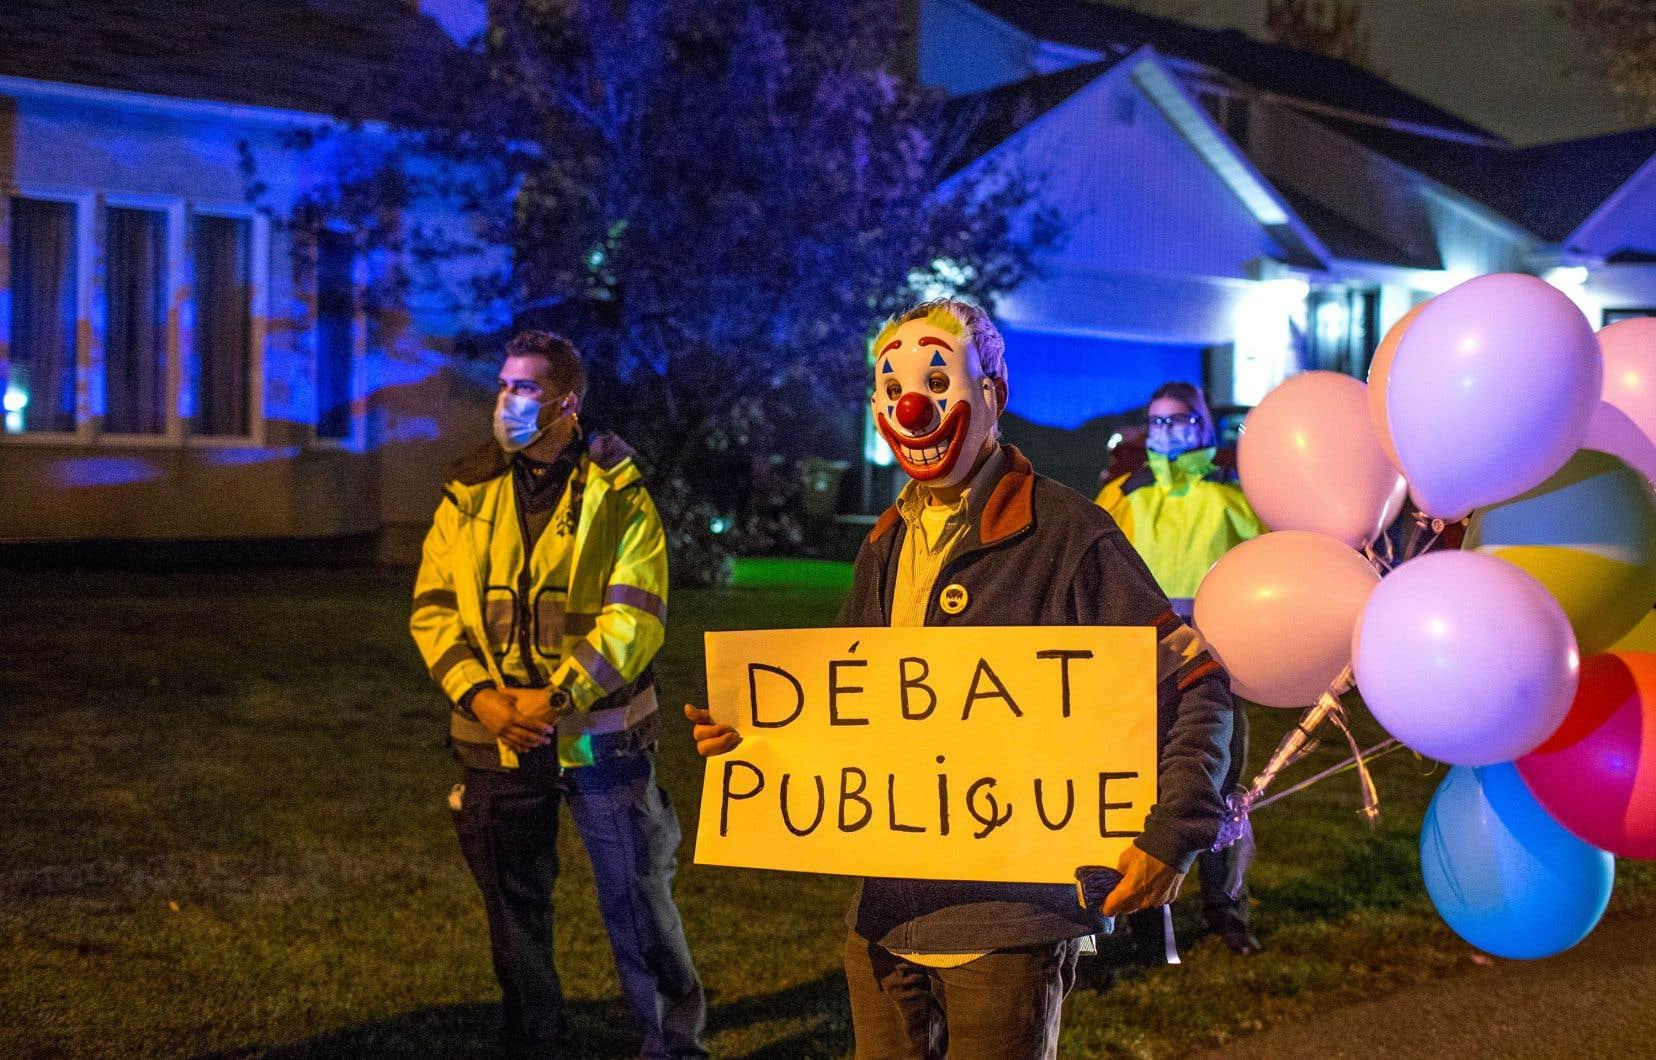 En octobre dernier, une poignée de manifestants se sont rendus devant la résidence du directeur de la santé publique du Québec, Horacio Arruda, pour dénoncer la «fraude» de la pandémie.